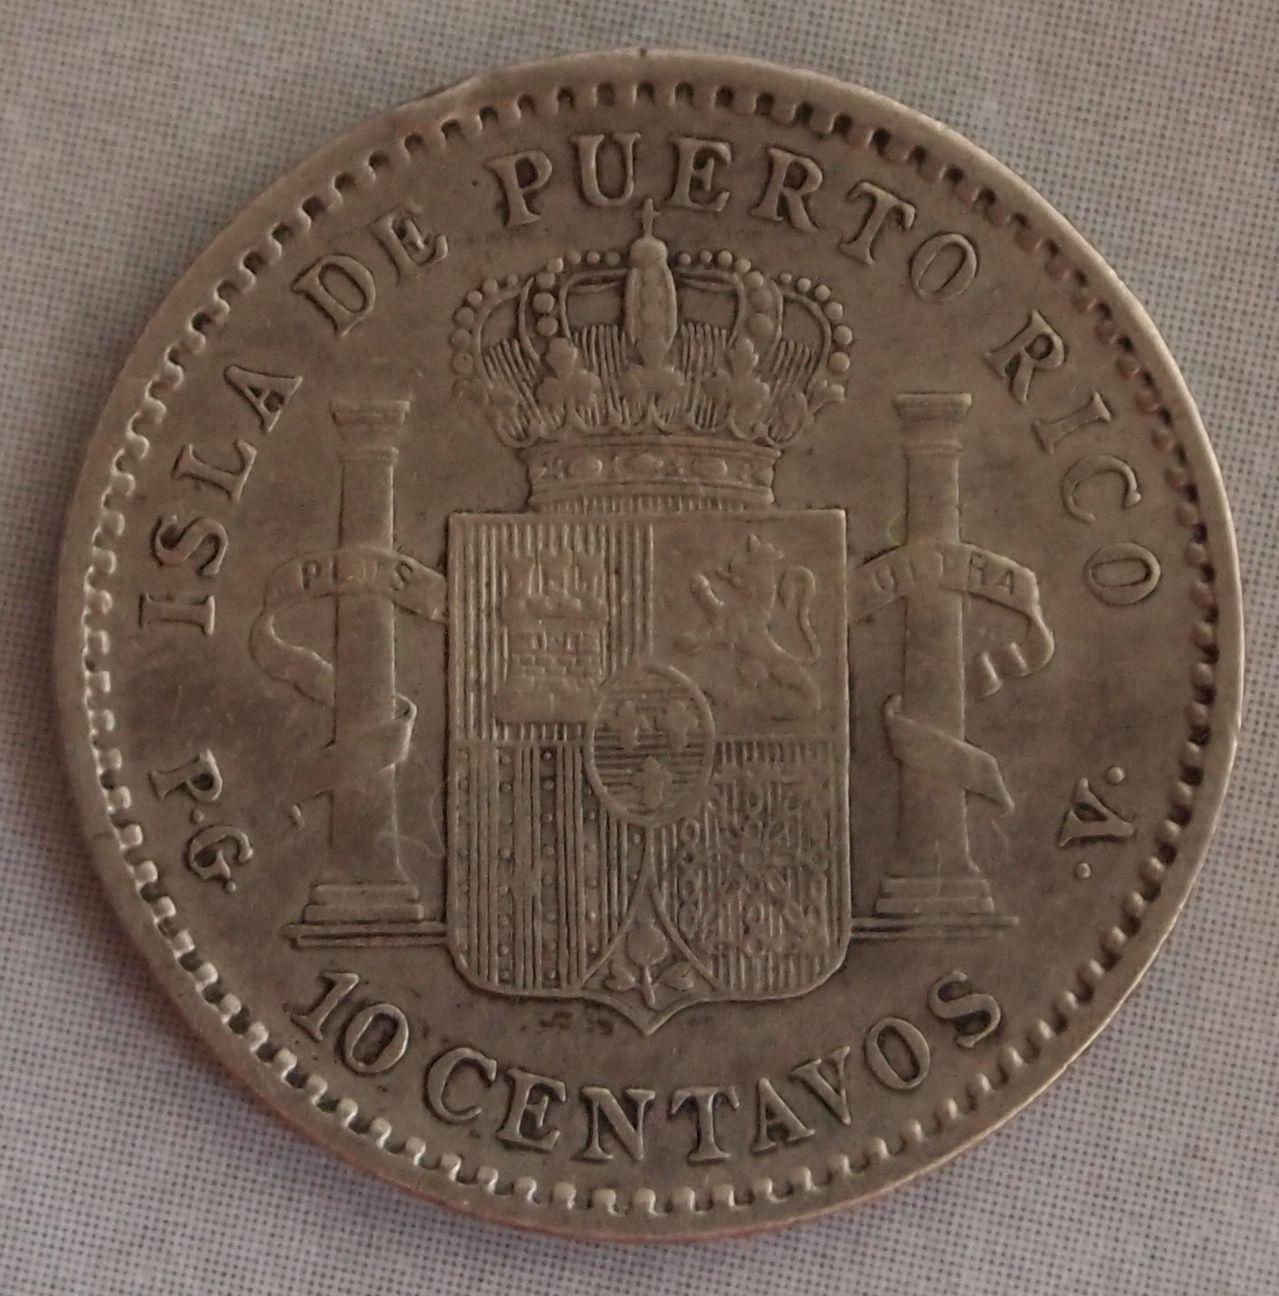 10 centavos alfonso XIII isla puerto rico 1896 2